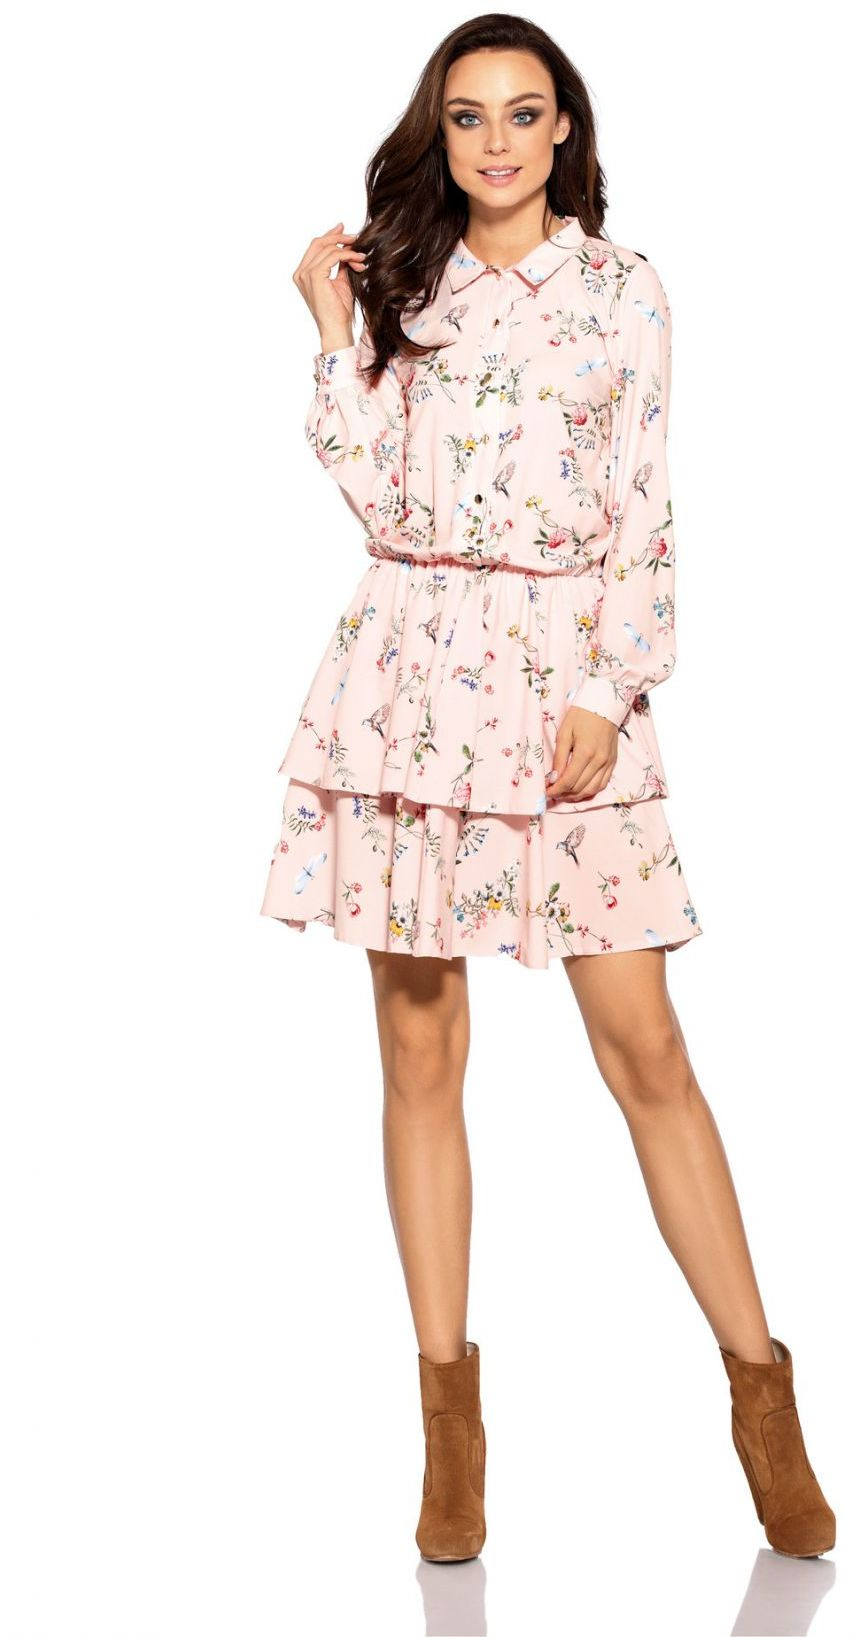 1 Sukienka L281 pudrowy róż w kwiatki PROMO